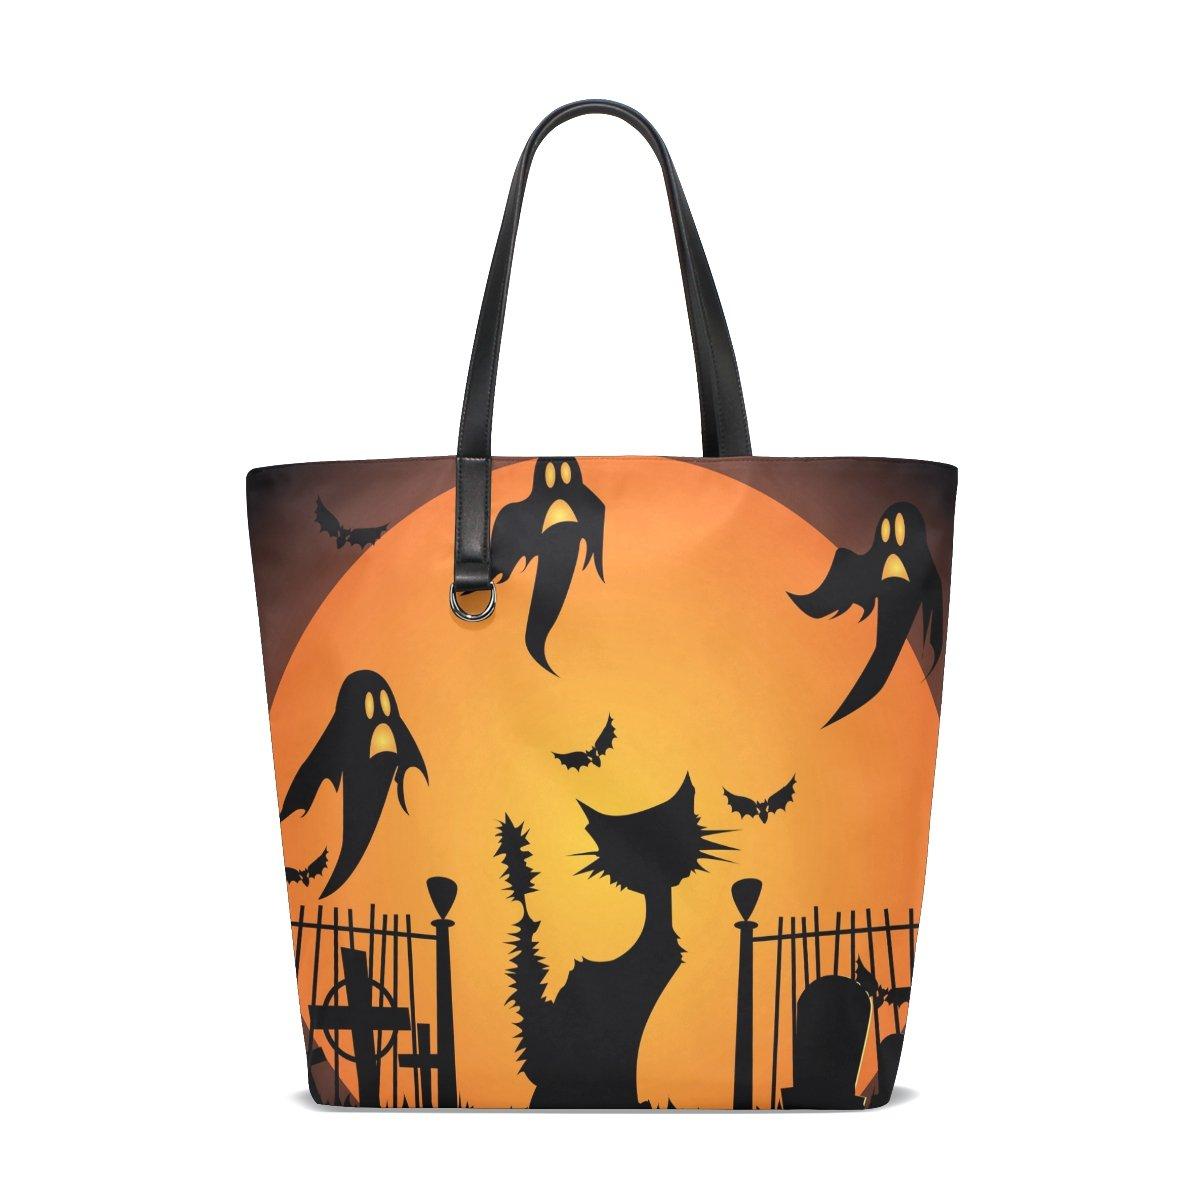 Amazon.com: giovanior gato negro bolsa de playa bolsa de ...